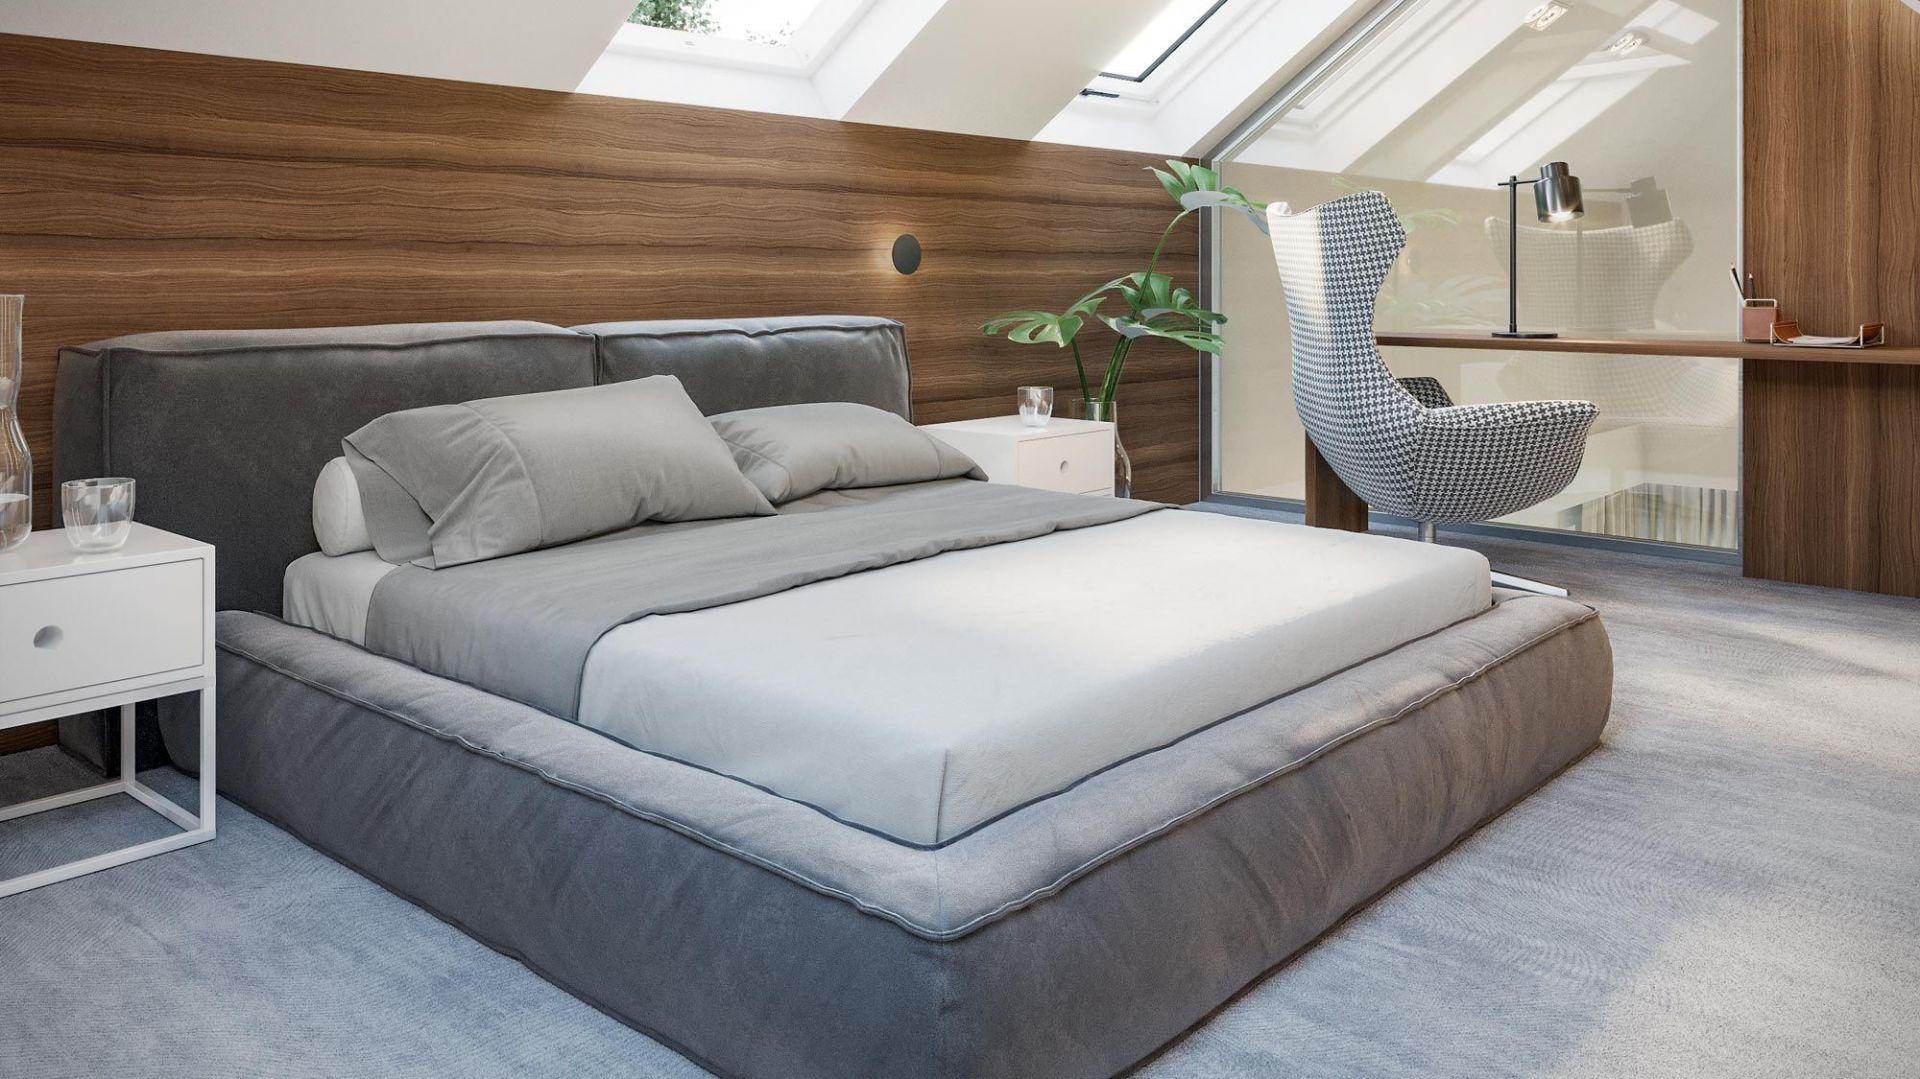 Poddasze skrywa wydzielony apartament rodziców składający się z sypialni oraz prywatnej łazienki i garderoby. Dom HomeKoncept 13. Projekt i zdjęcia: HomeKoncept